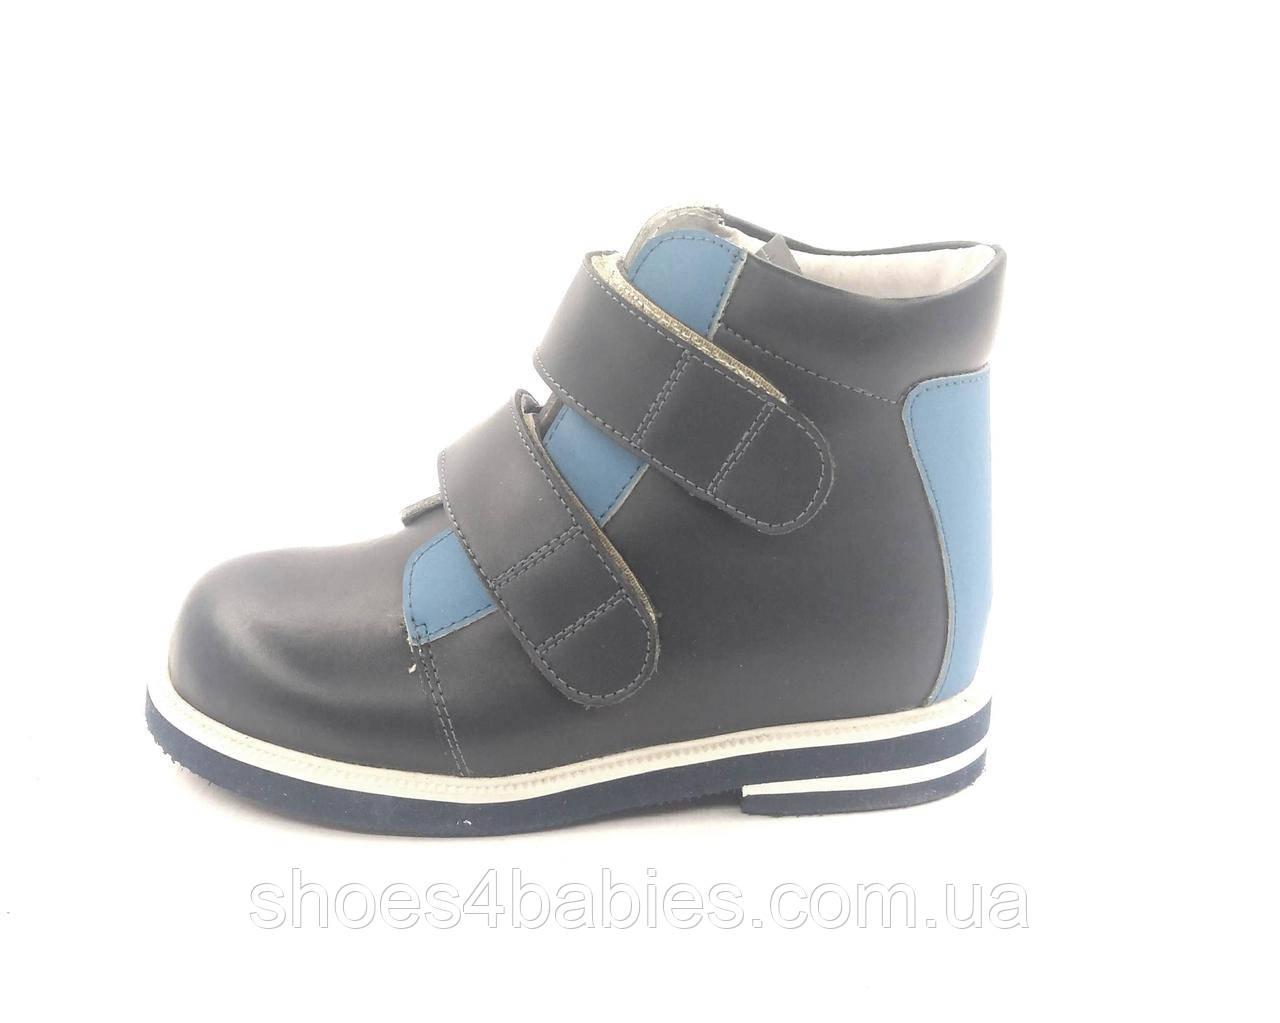 f87c1f21a Детские ортопедические ботинки Сурсил Орто р. 18-35 модель 09-016, ...